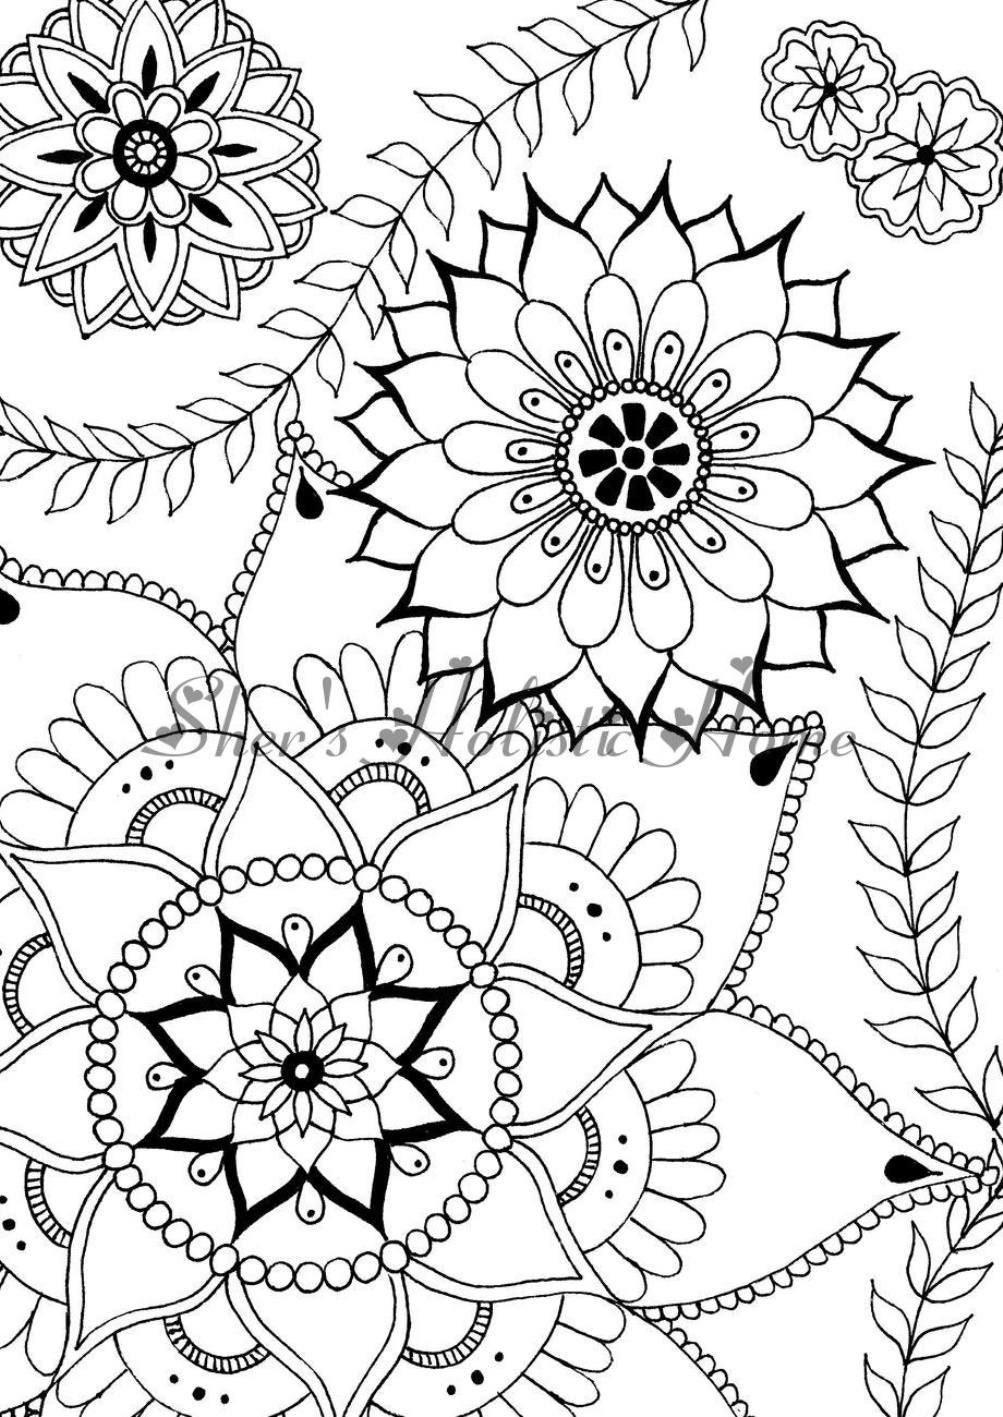 Blume Färbung Seite Mandala Malvorlagen Blume Zeichnung   Etsy